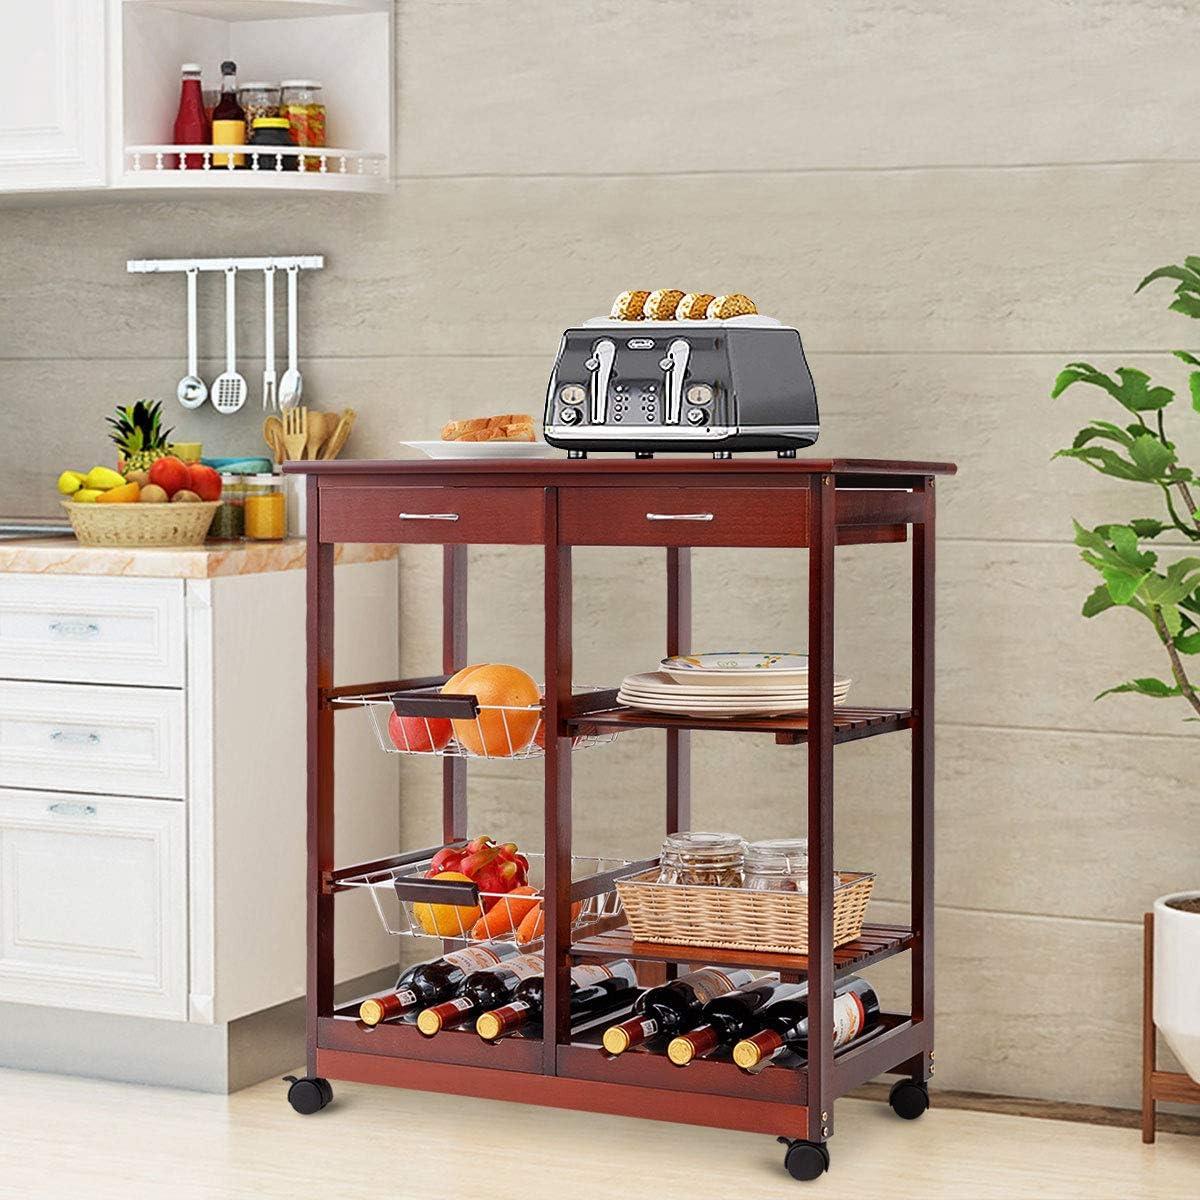 DREAMADE Carrello da Cucina con 2 Portabottiglie Carrello da Cucina in Legno con 2 Cassetti 67x37x76cm Bianco